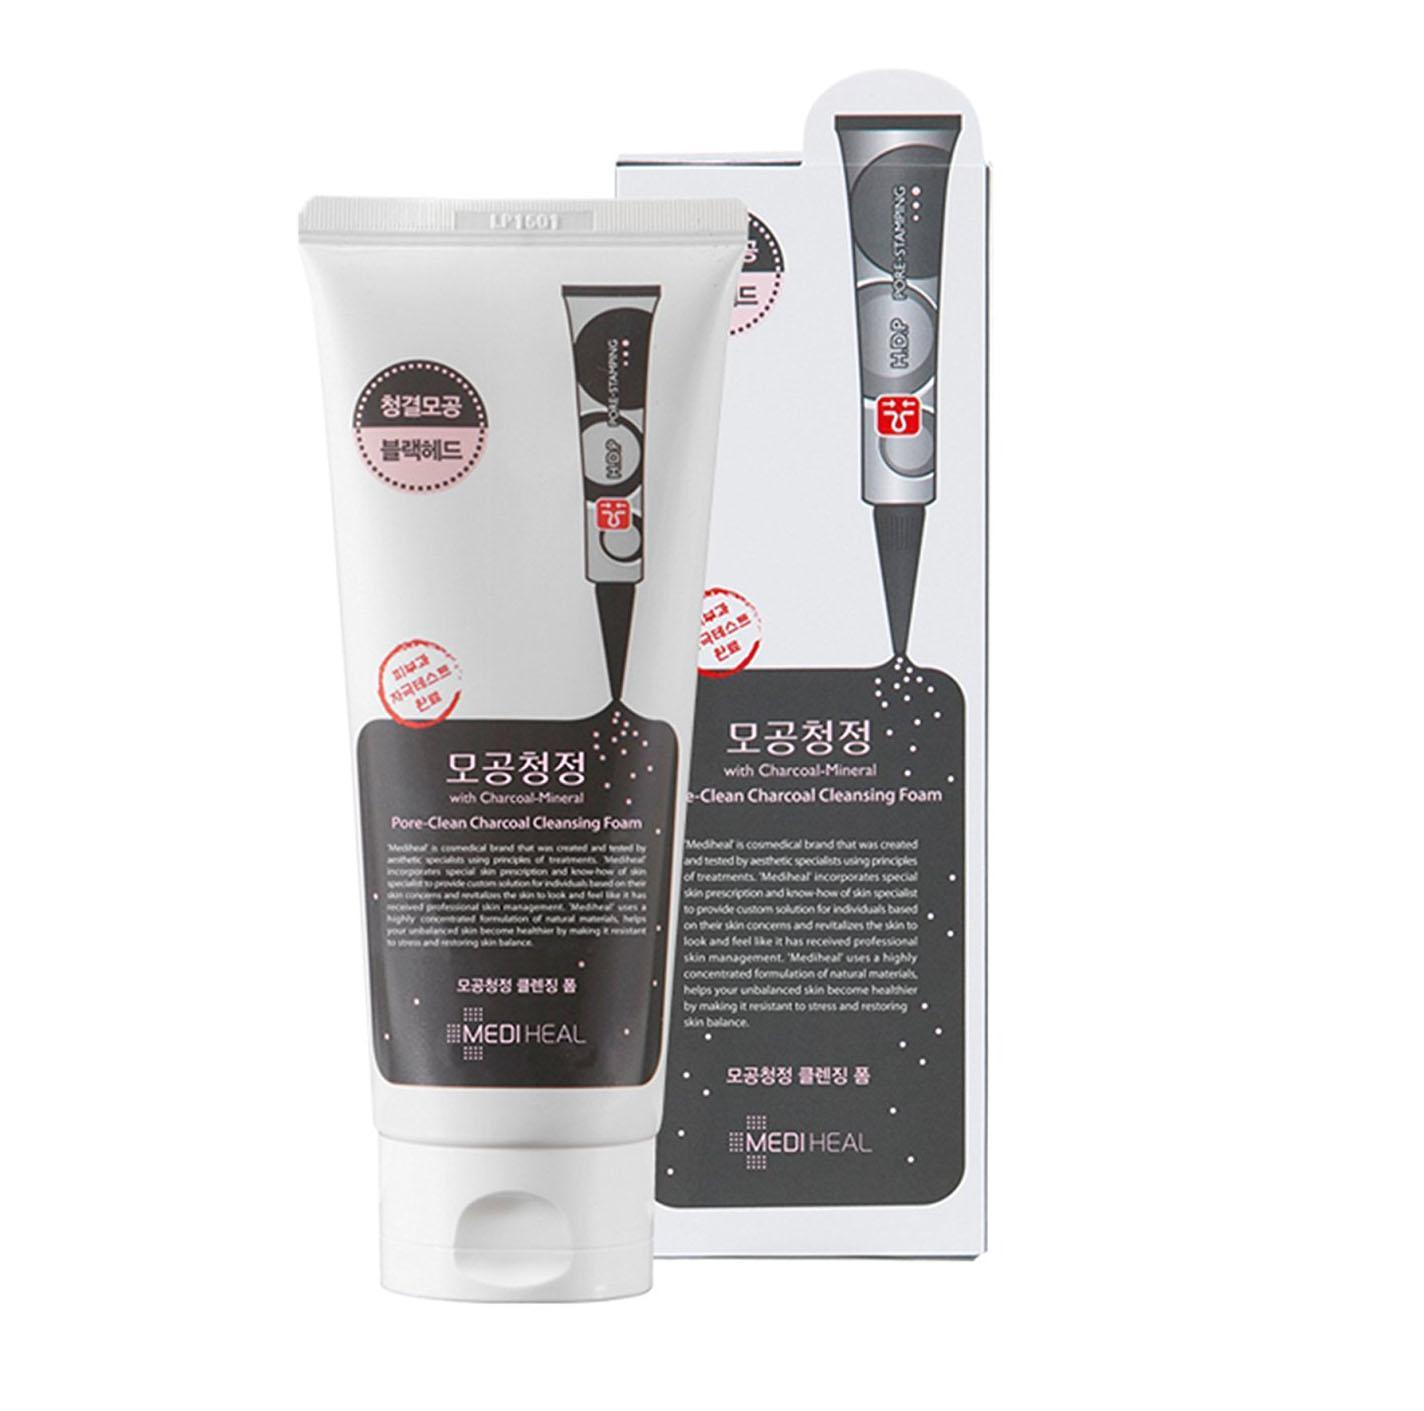 Sữa rửa mặt than hoạt tính làm sạch sâu lỗ chân lông Mediheal Pore-Clean Charcoal Cleansing Foam 170ml tốt nhất